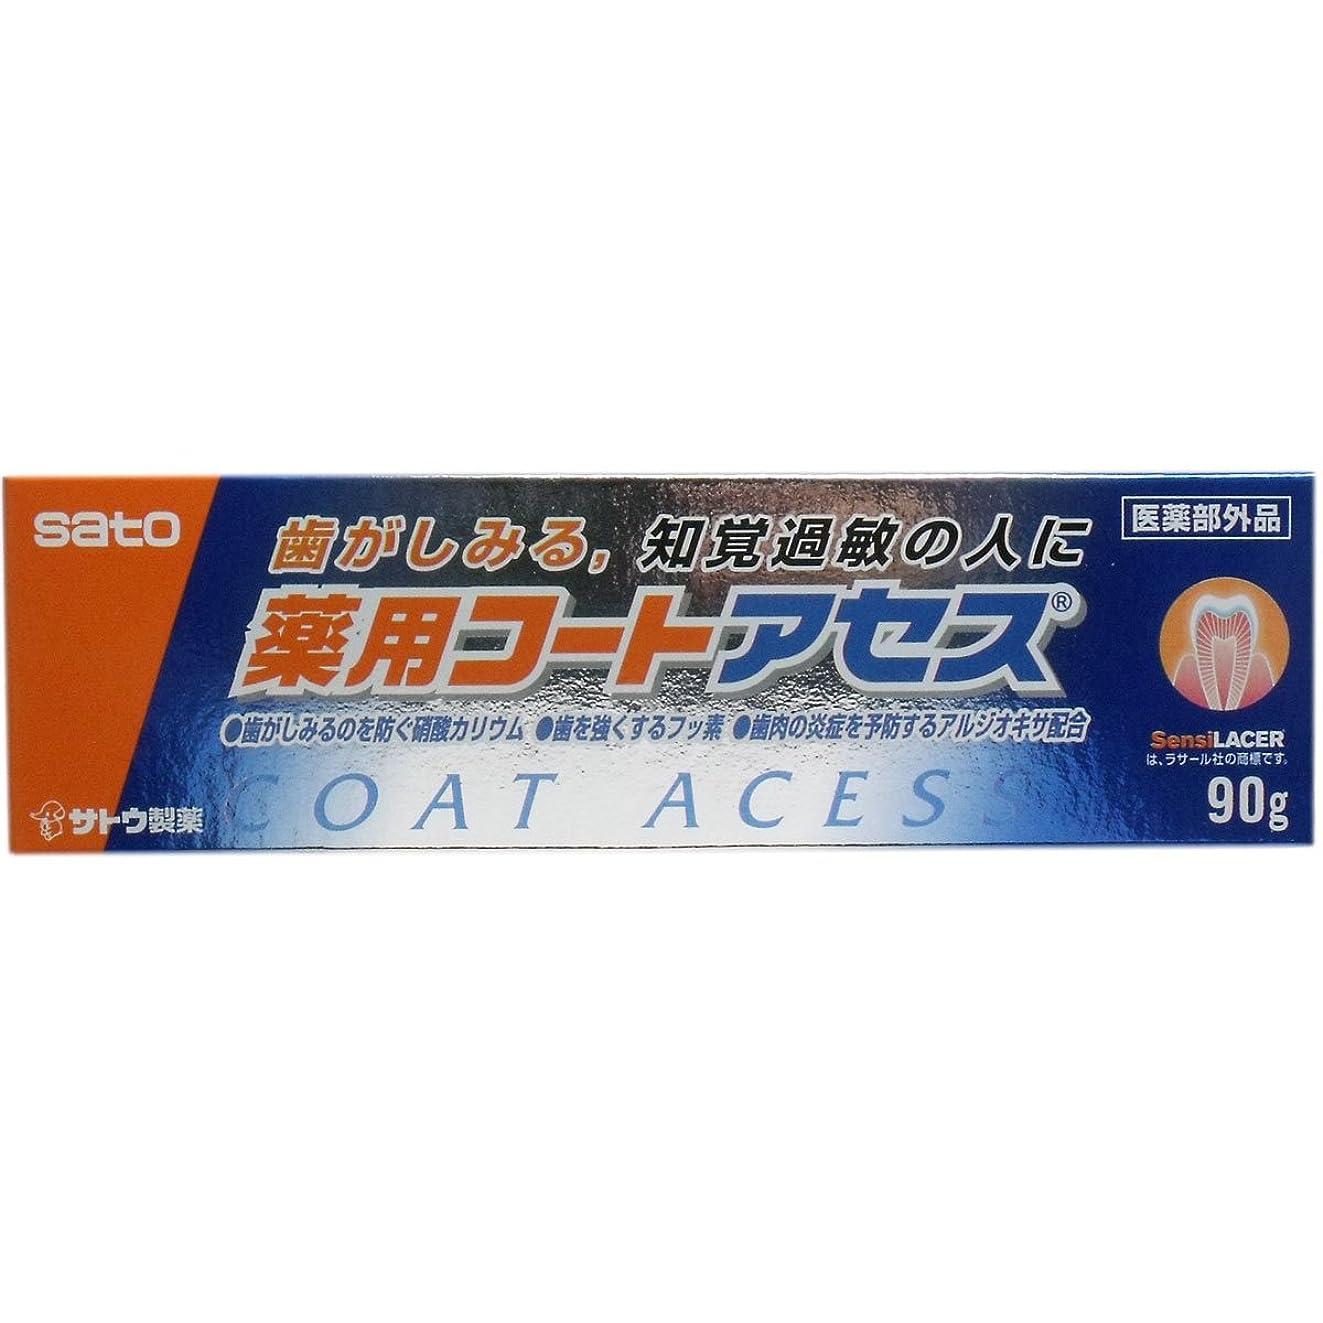 毒性中些細なサトウ製薬 薬用コートアセス 薬用歯みがき 90g ×8個セット